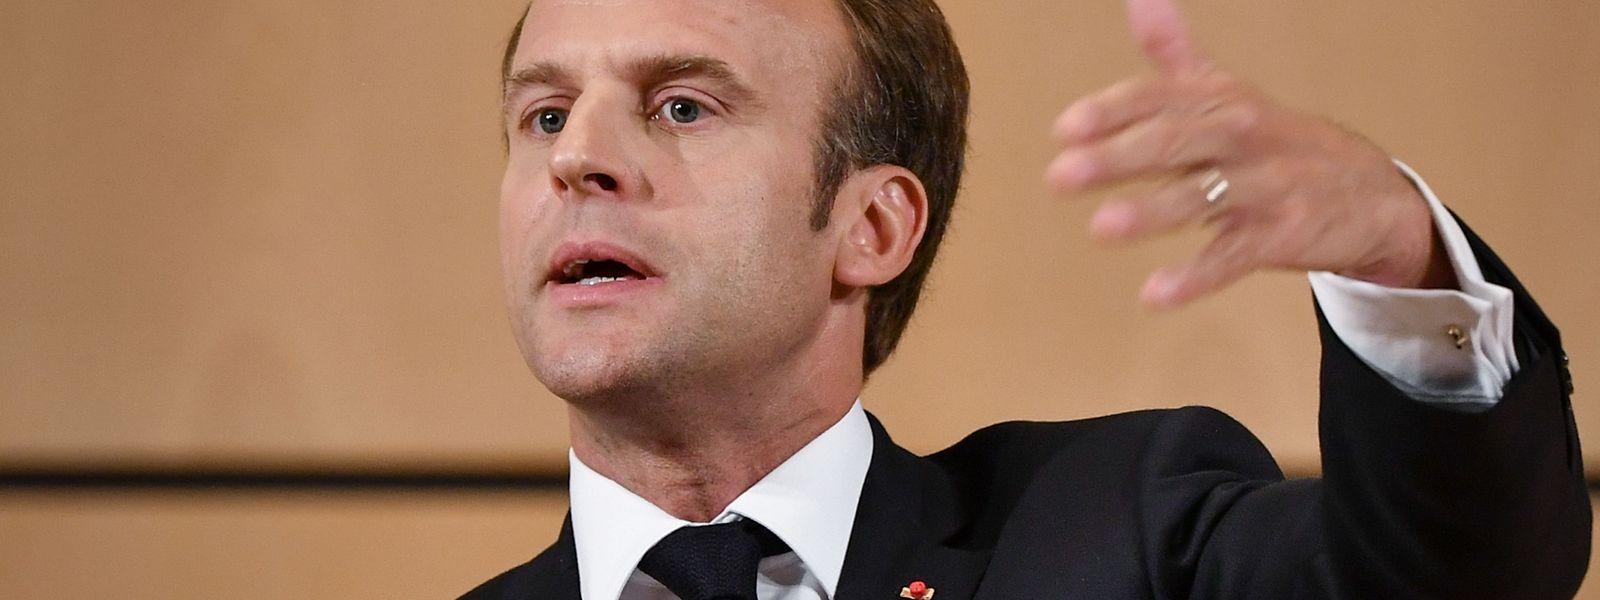 Der französische Präsident Macron war am Dienstagabend im französischsprachigen Fernsehen zu Gast.